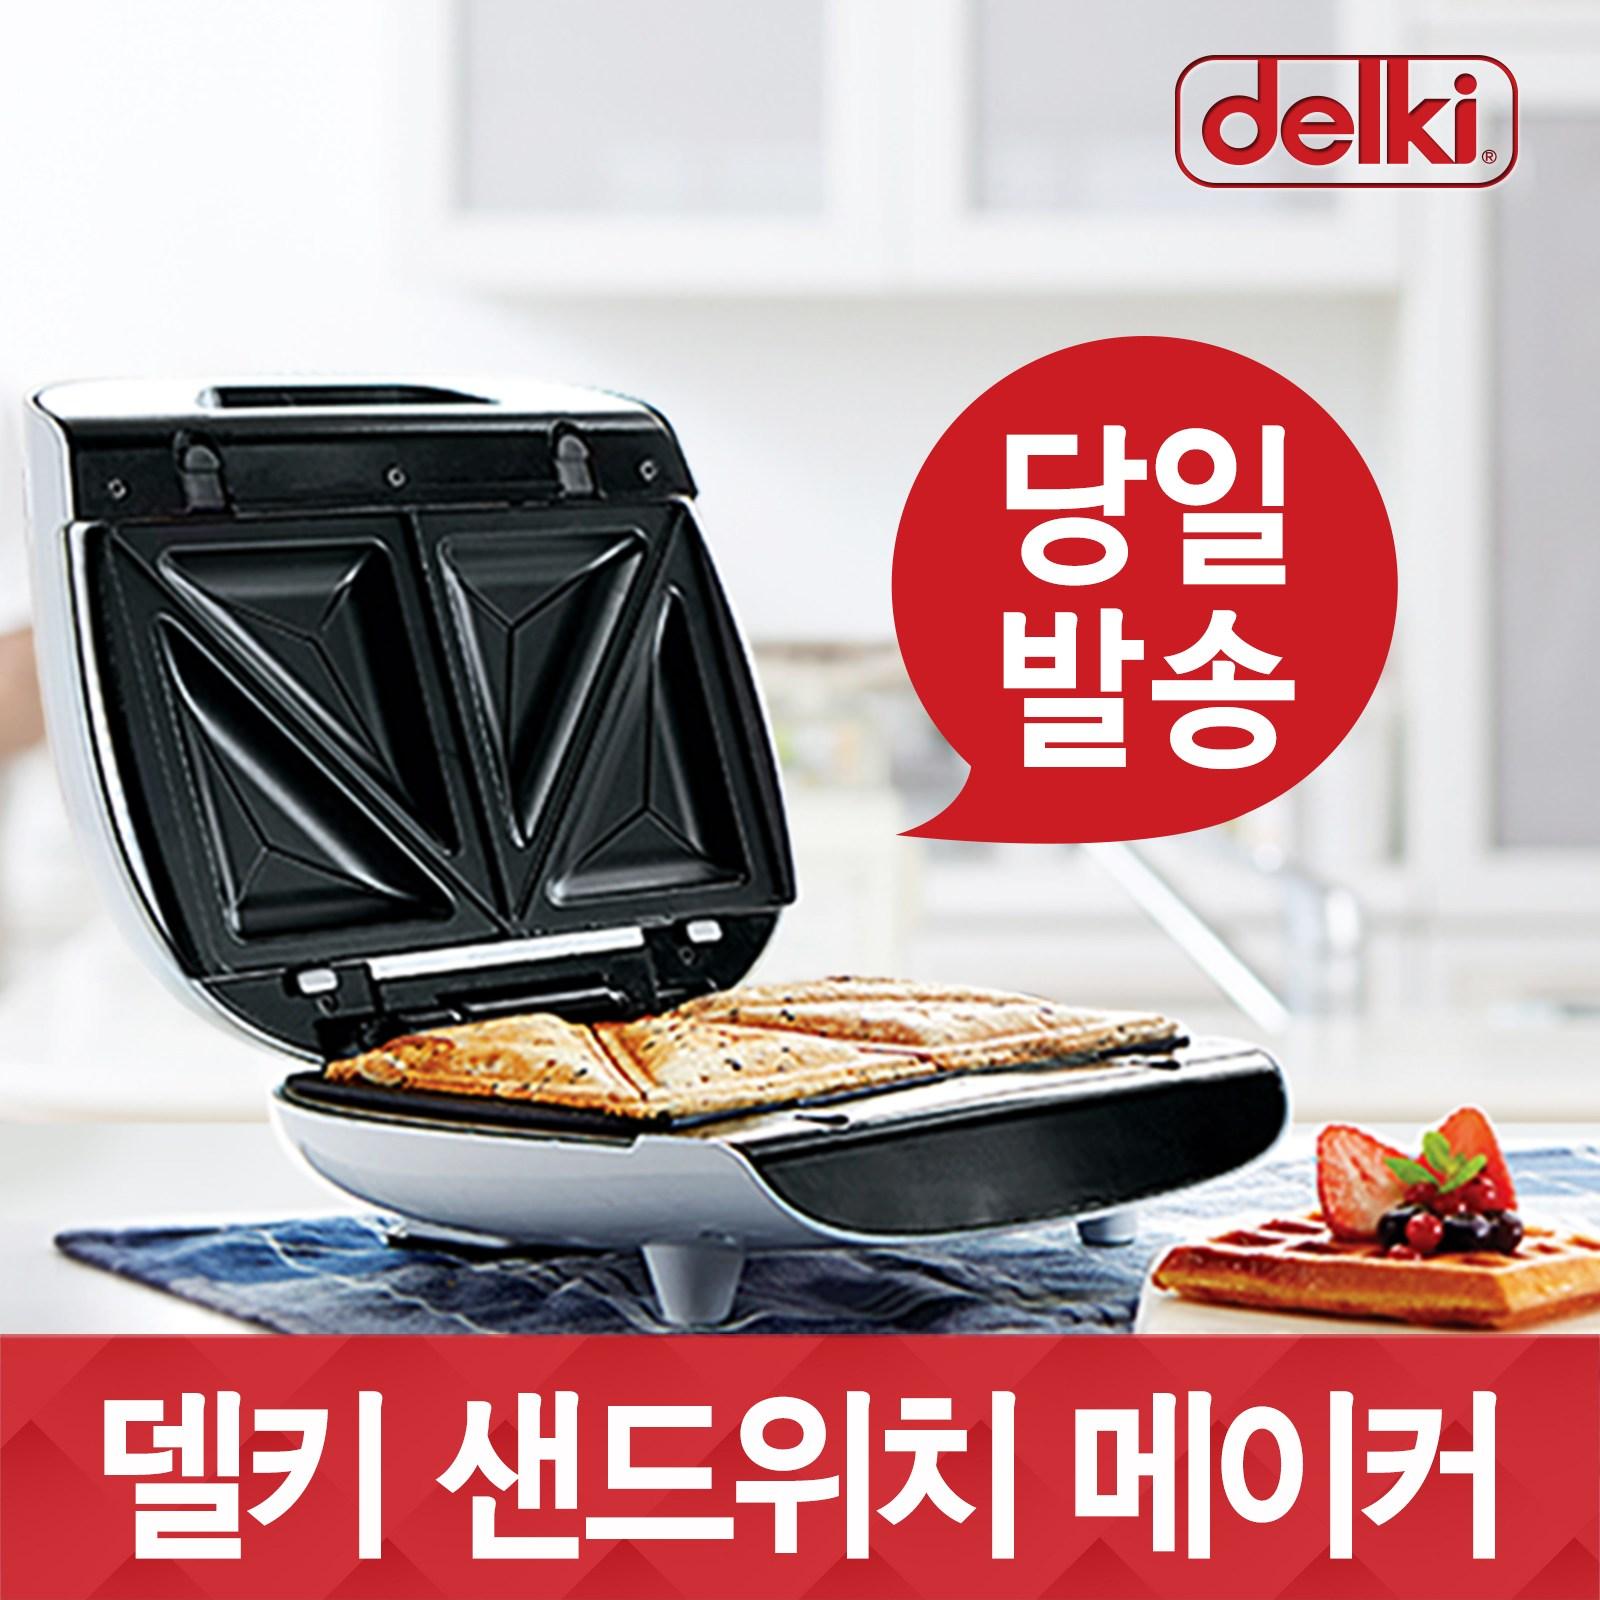 델키 샌드위치&와플 메이커